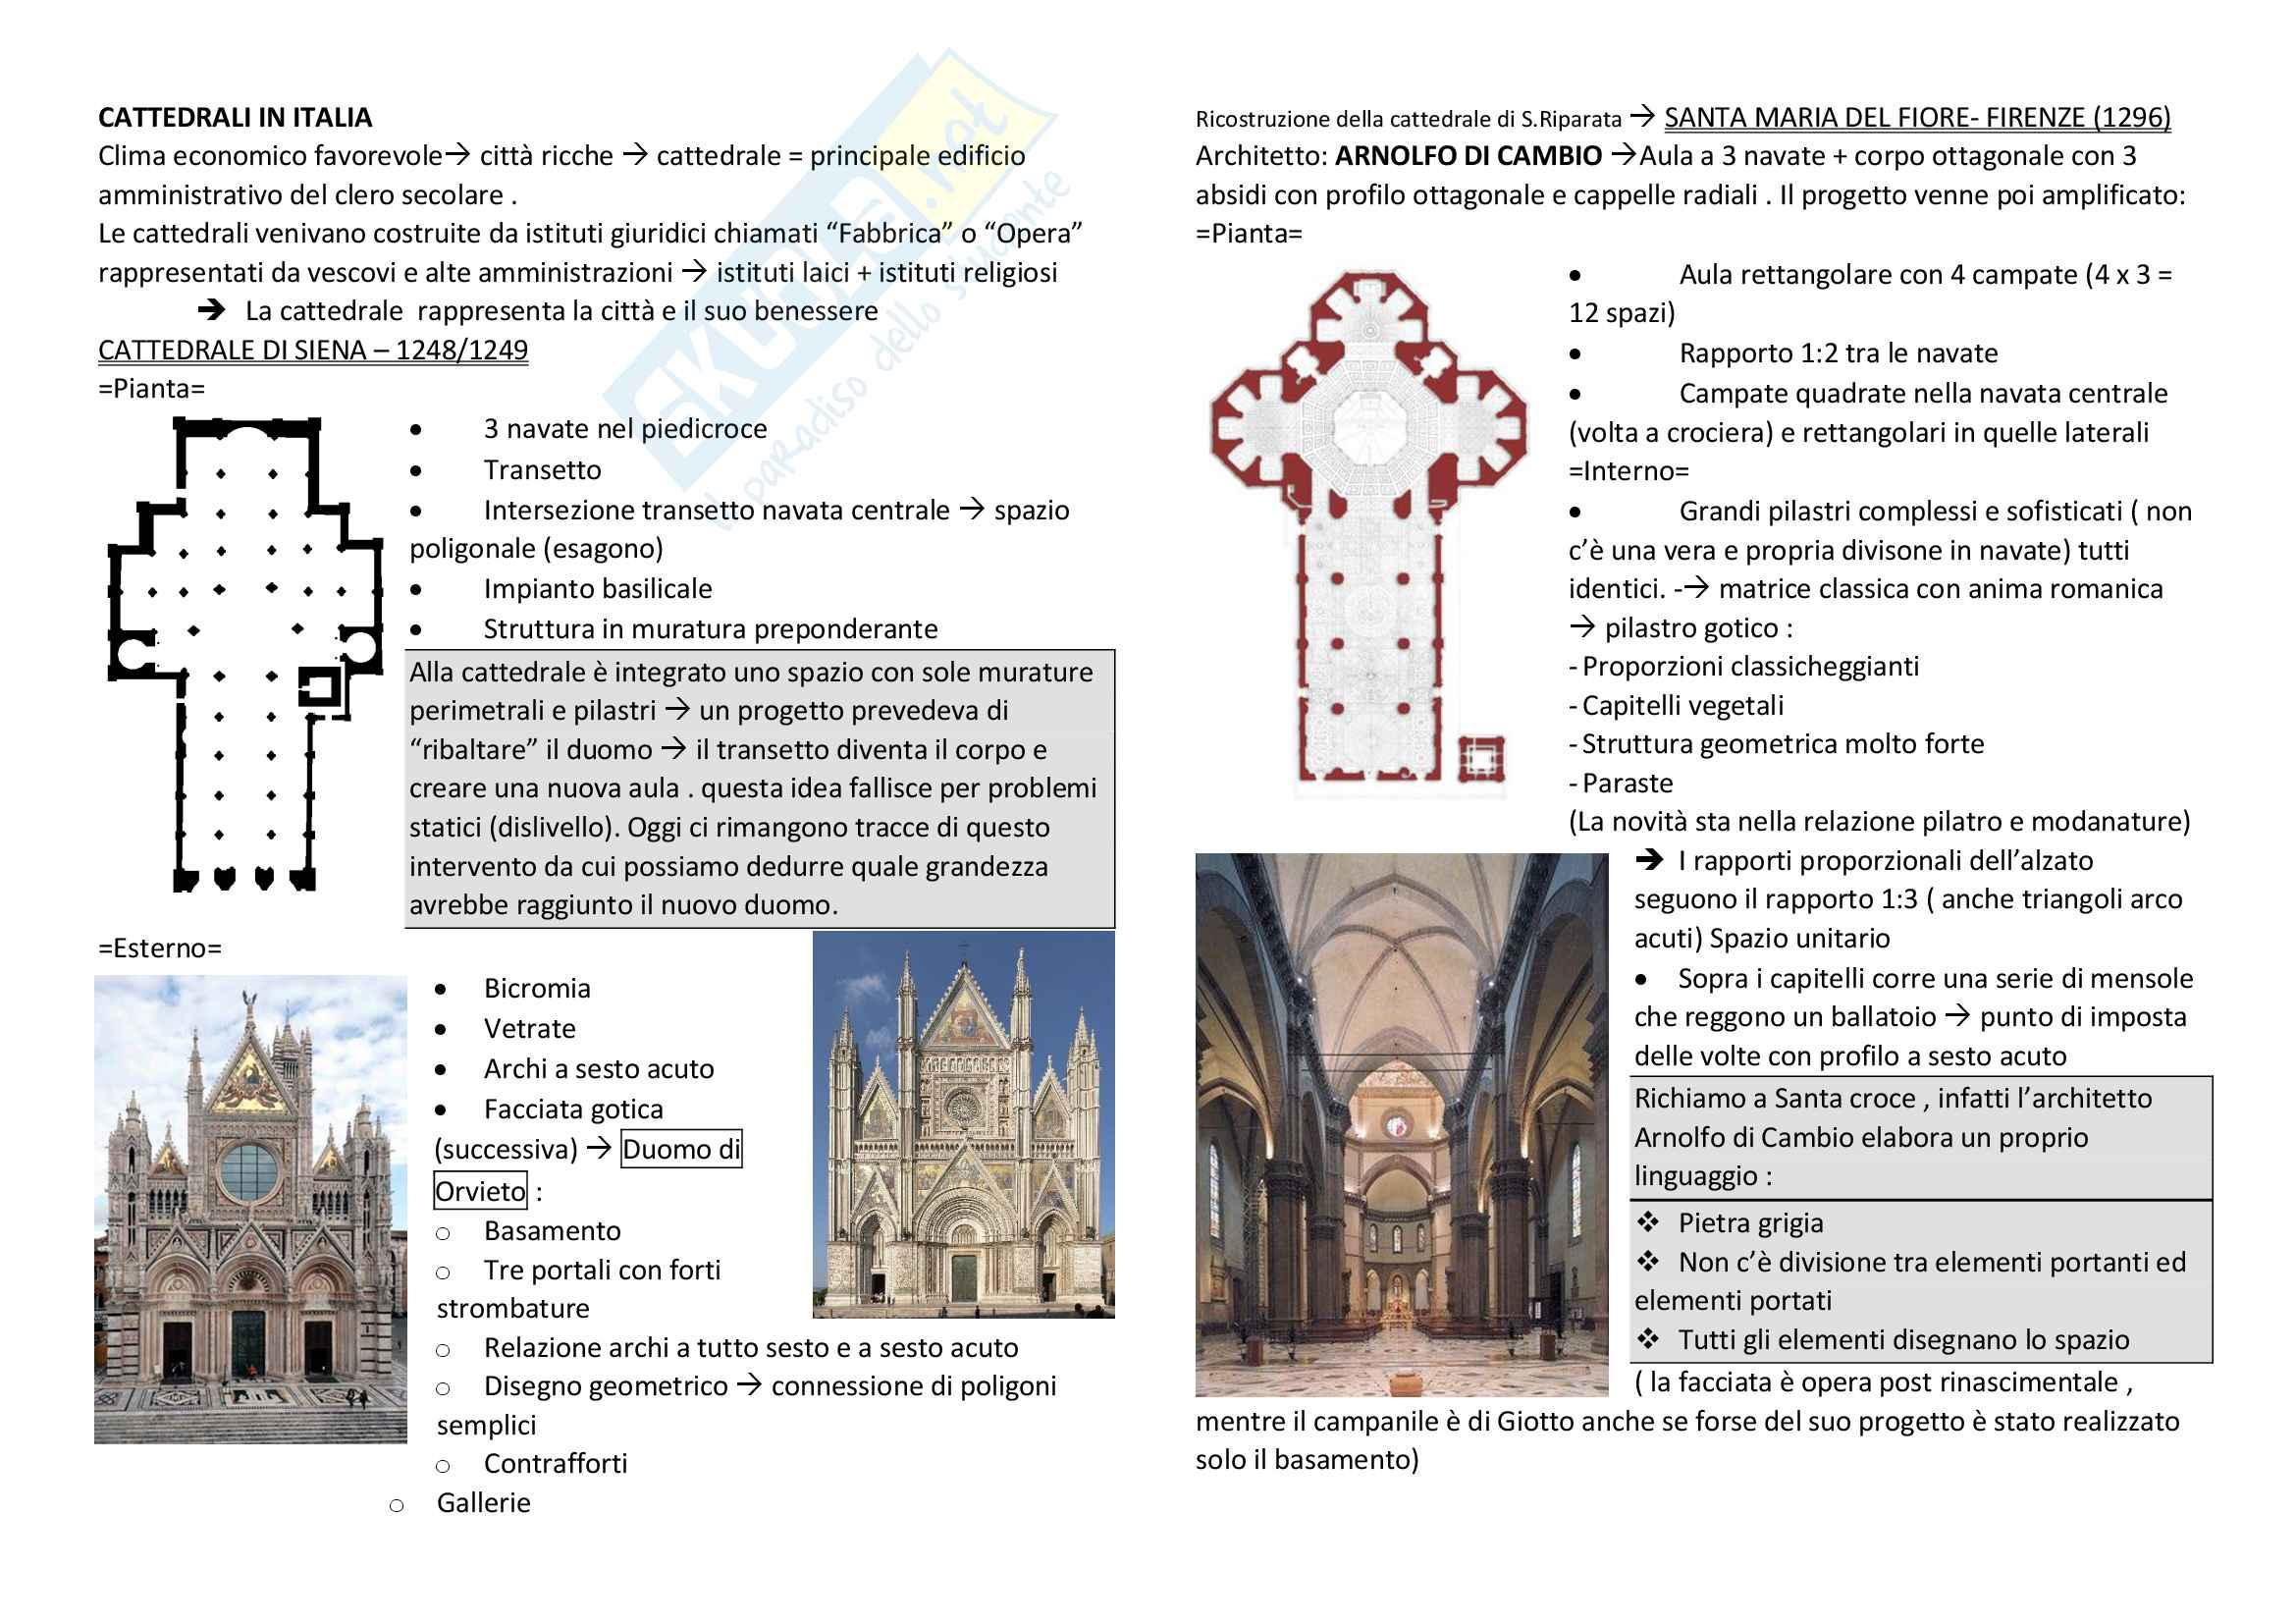 Storia dell'architettura dalle origini al '600 Pag. 46